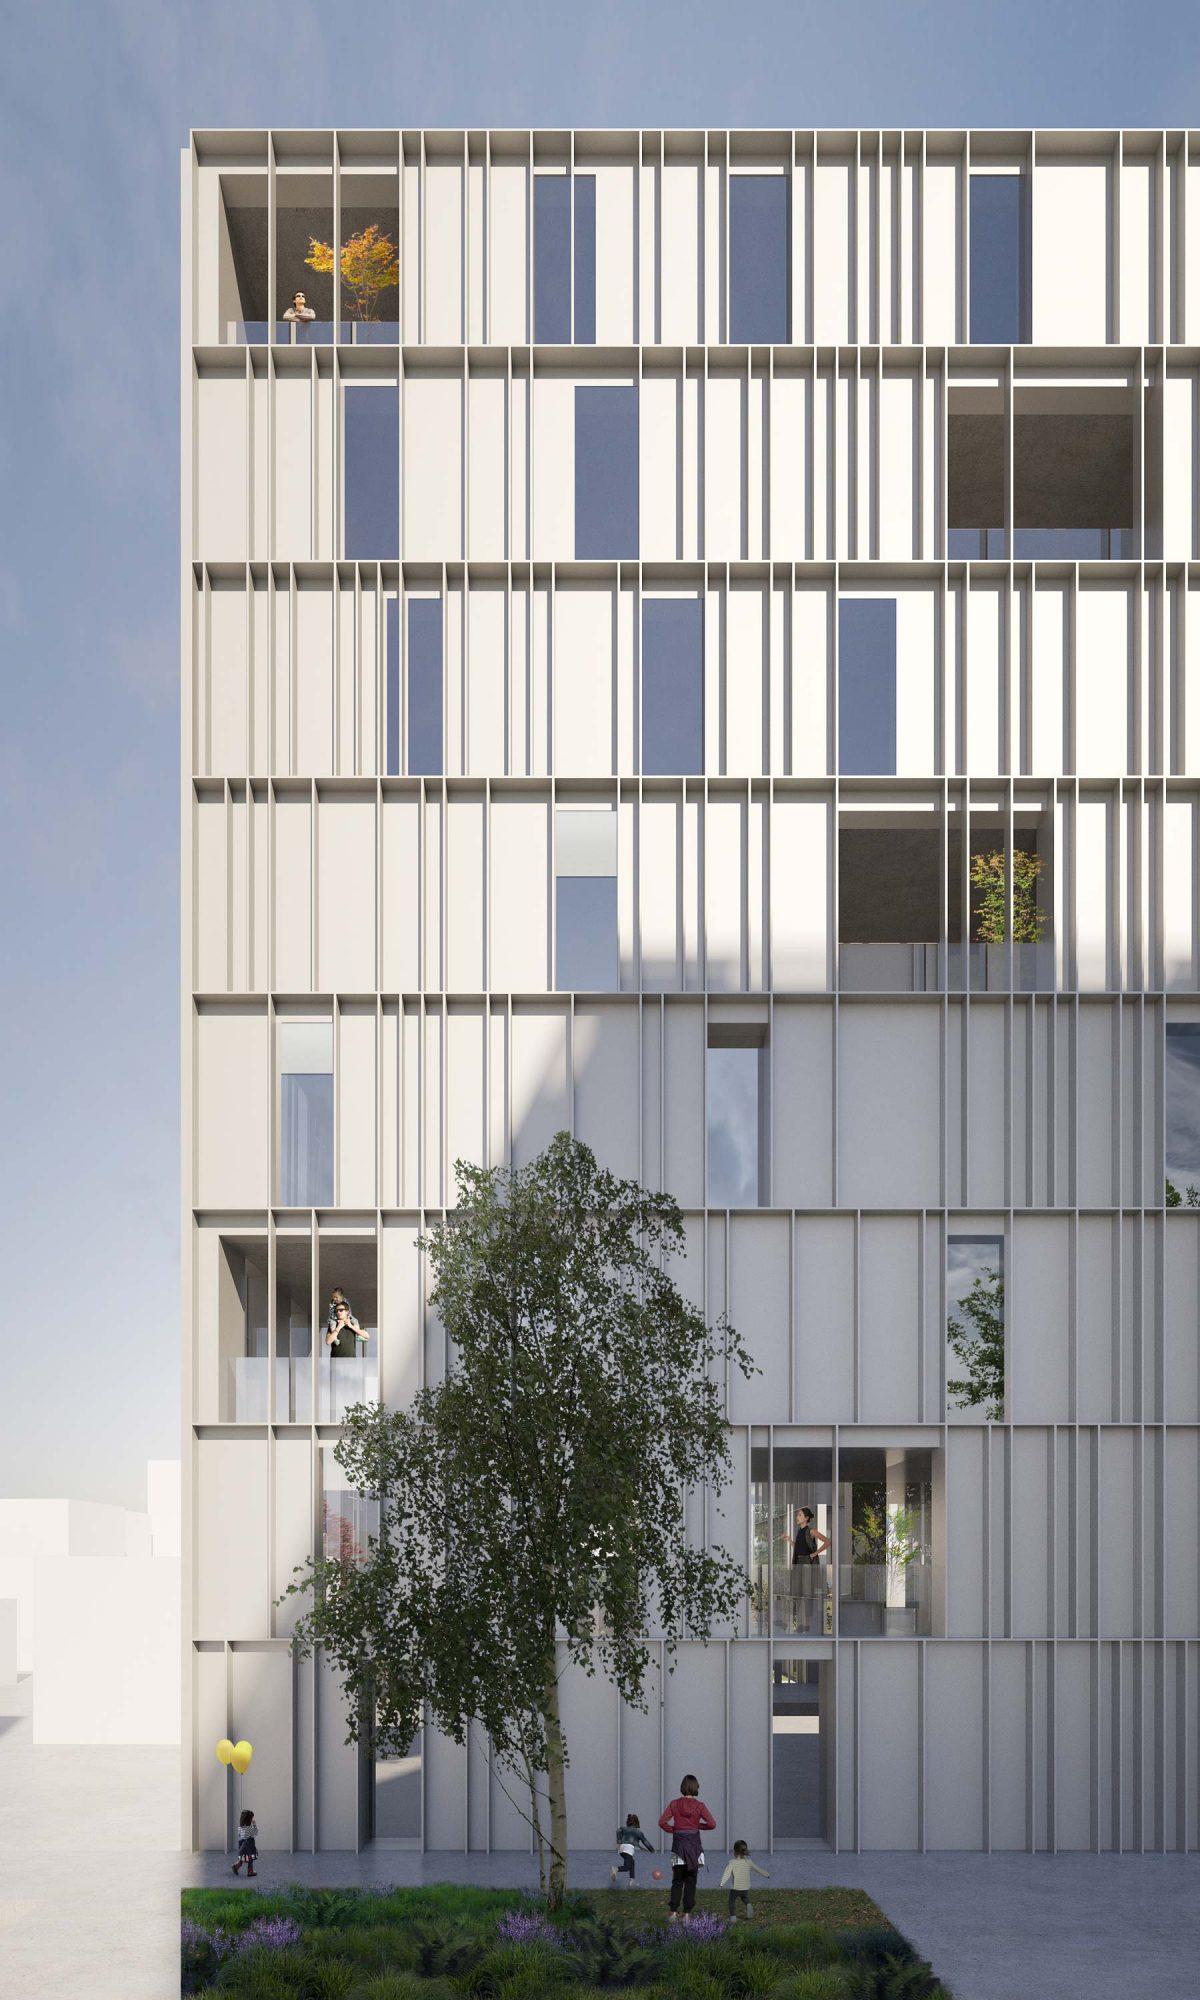 Fassadenentwurf für den Wettbewerb in der Gebbertstr. in Erlangen.